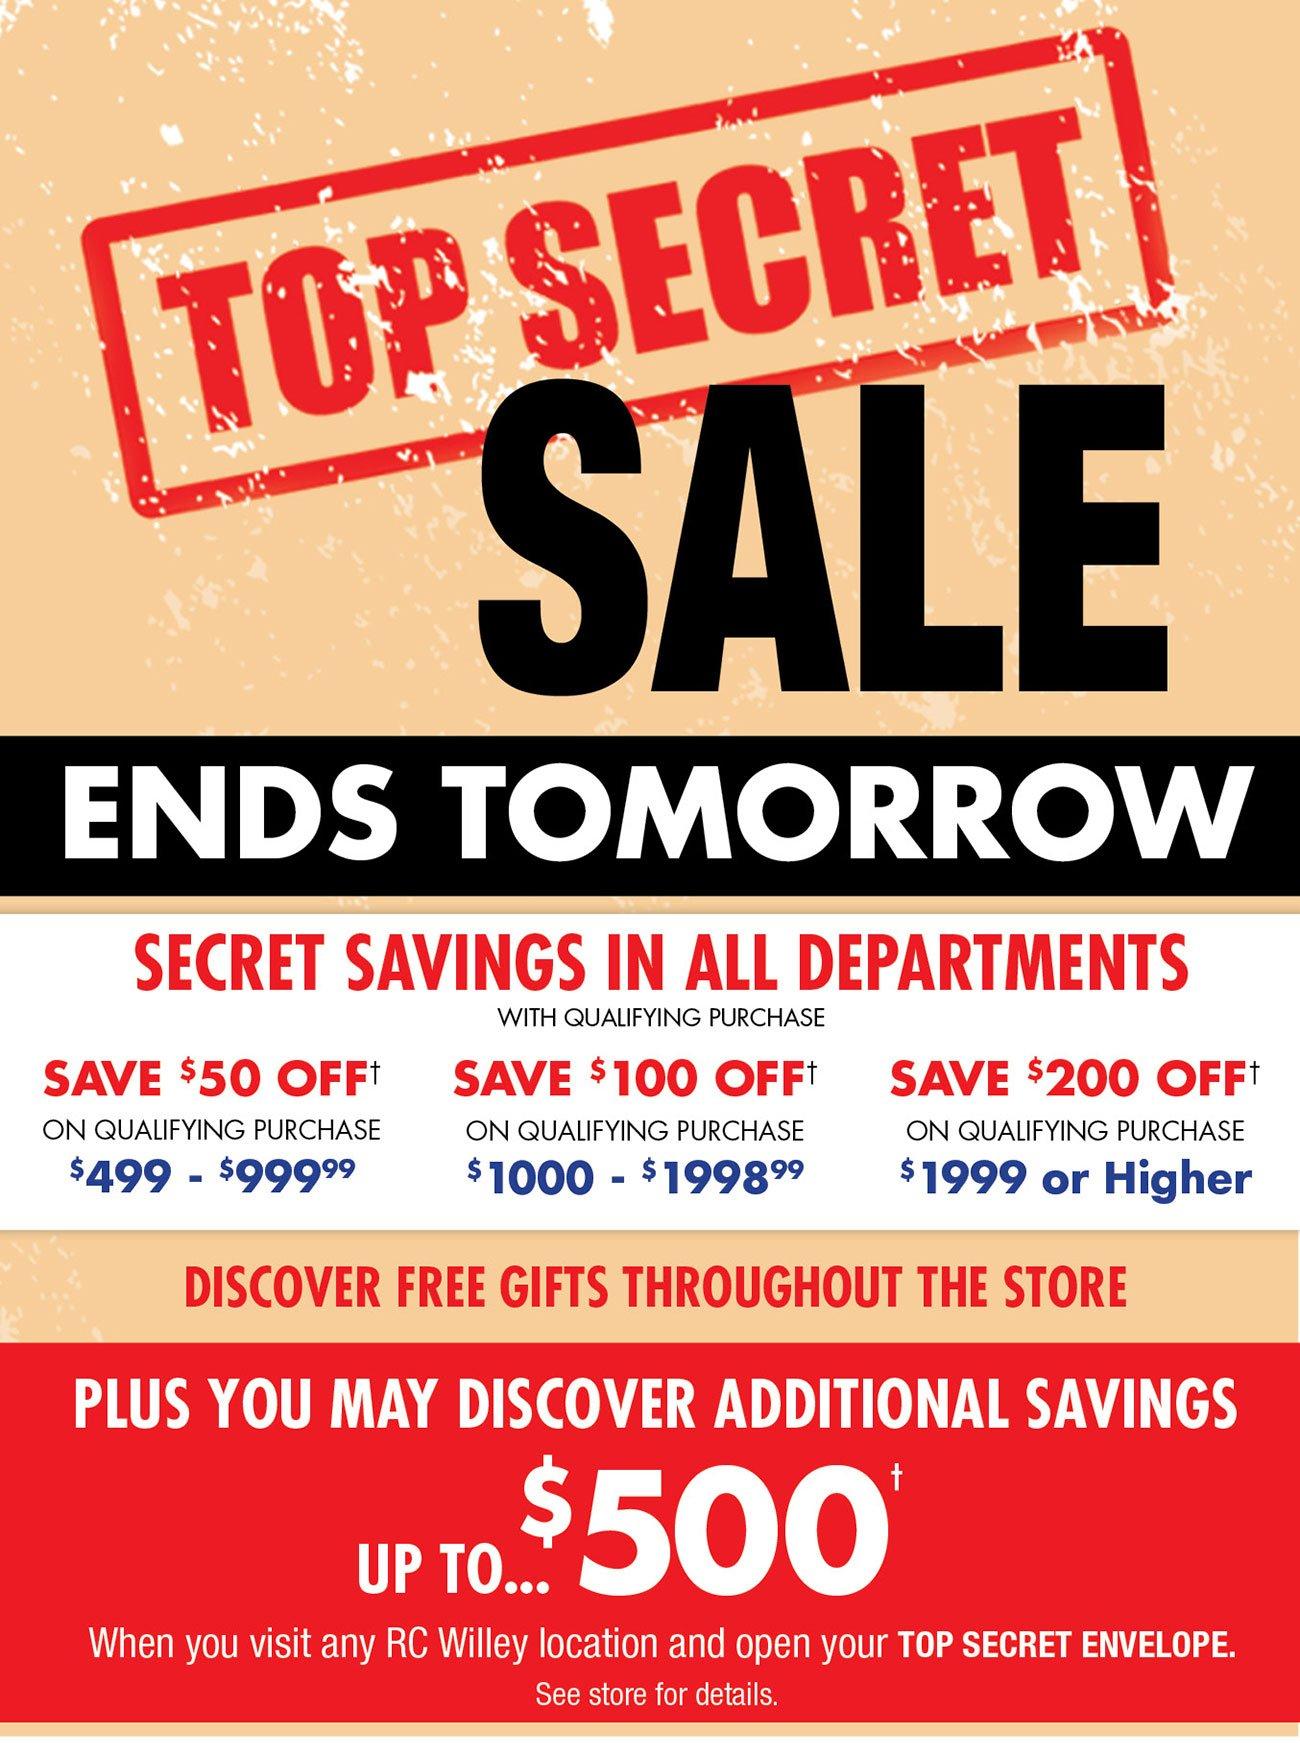 Top-secret-sale